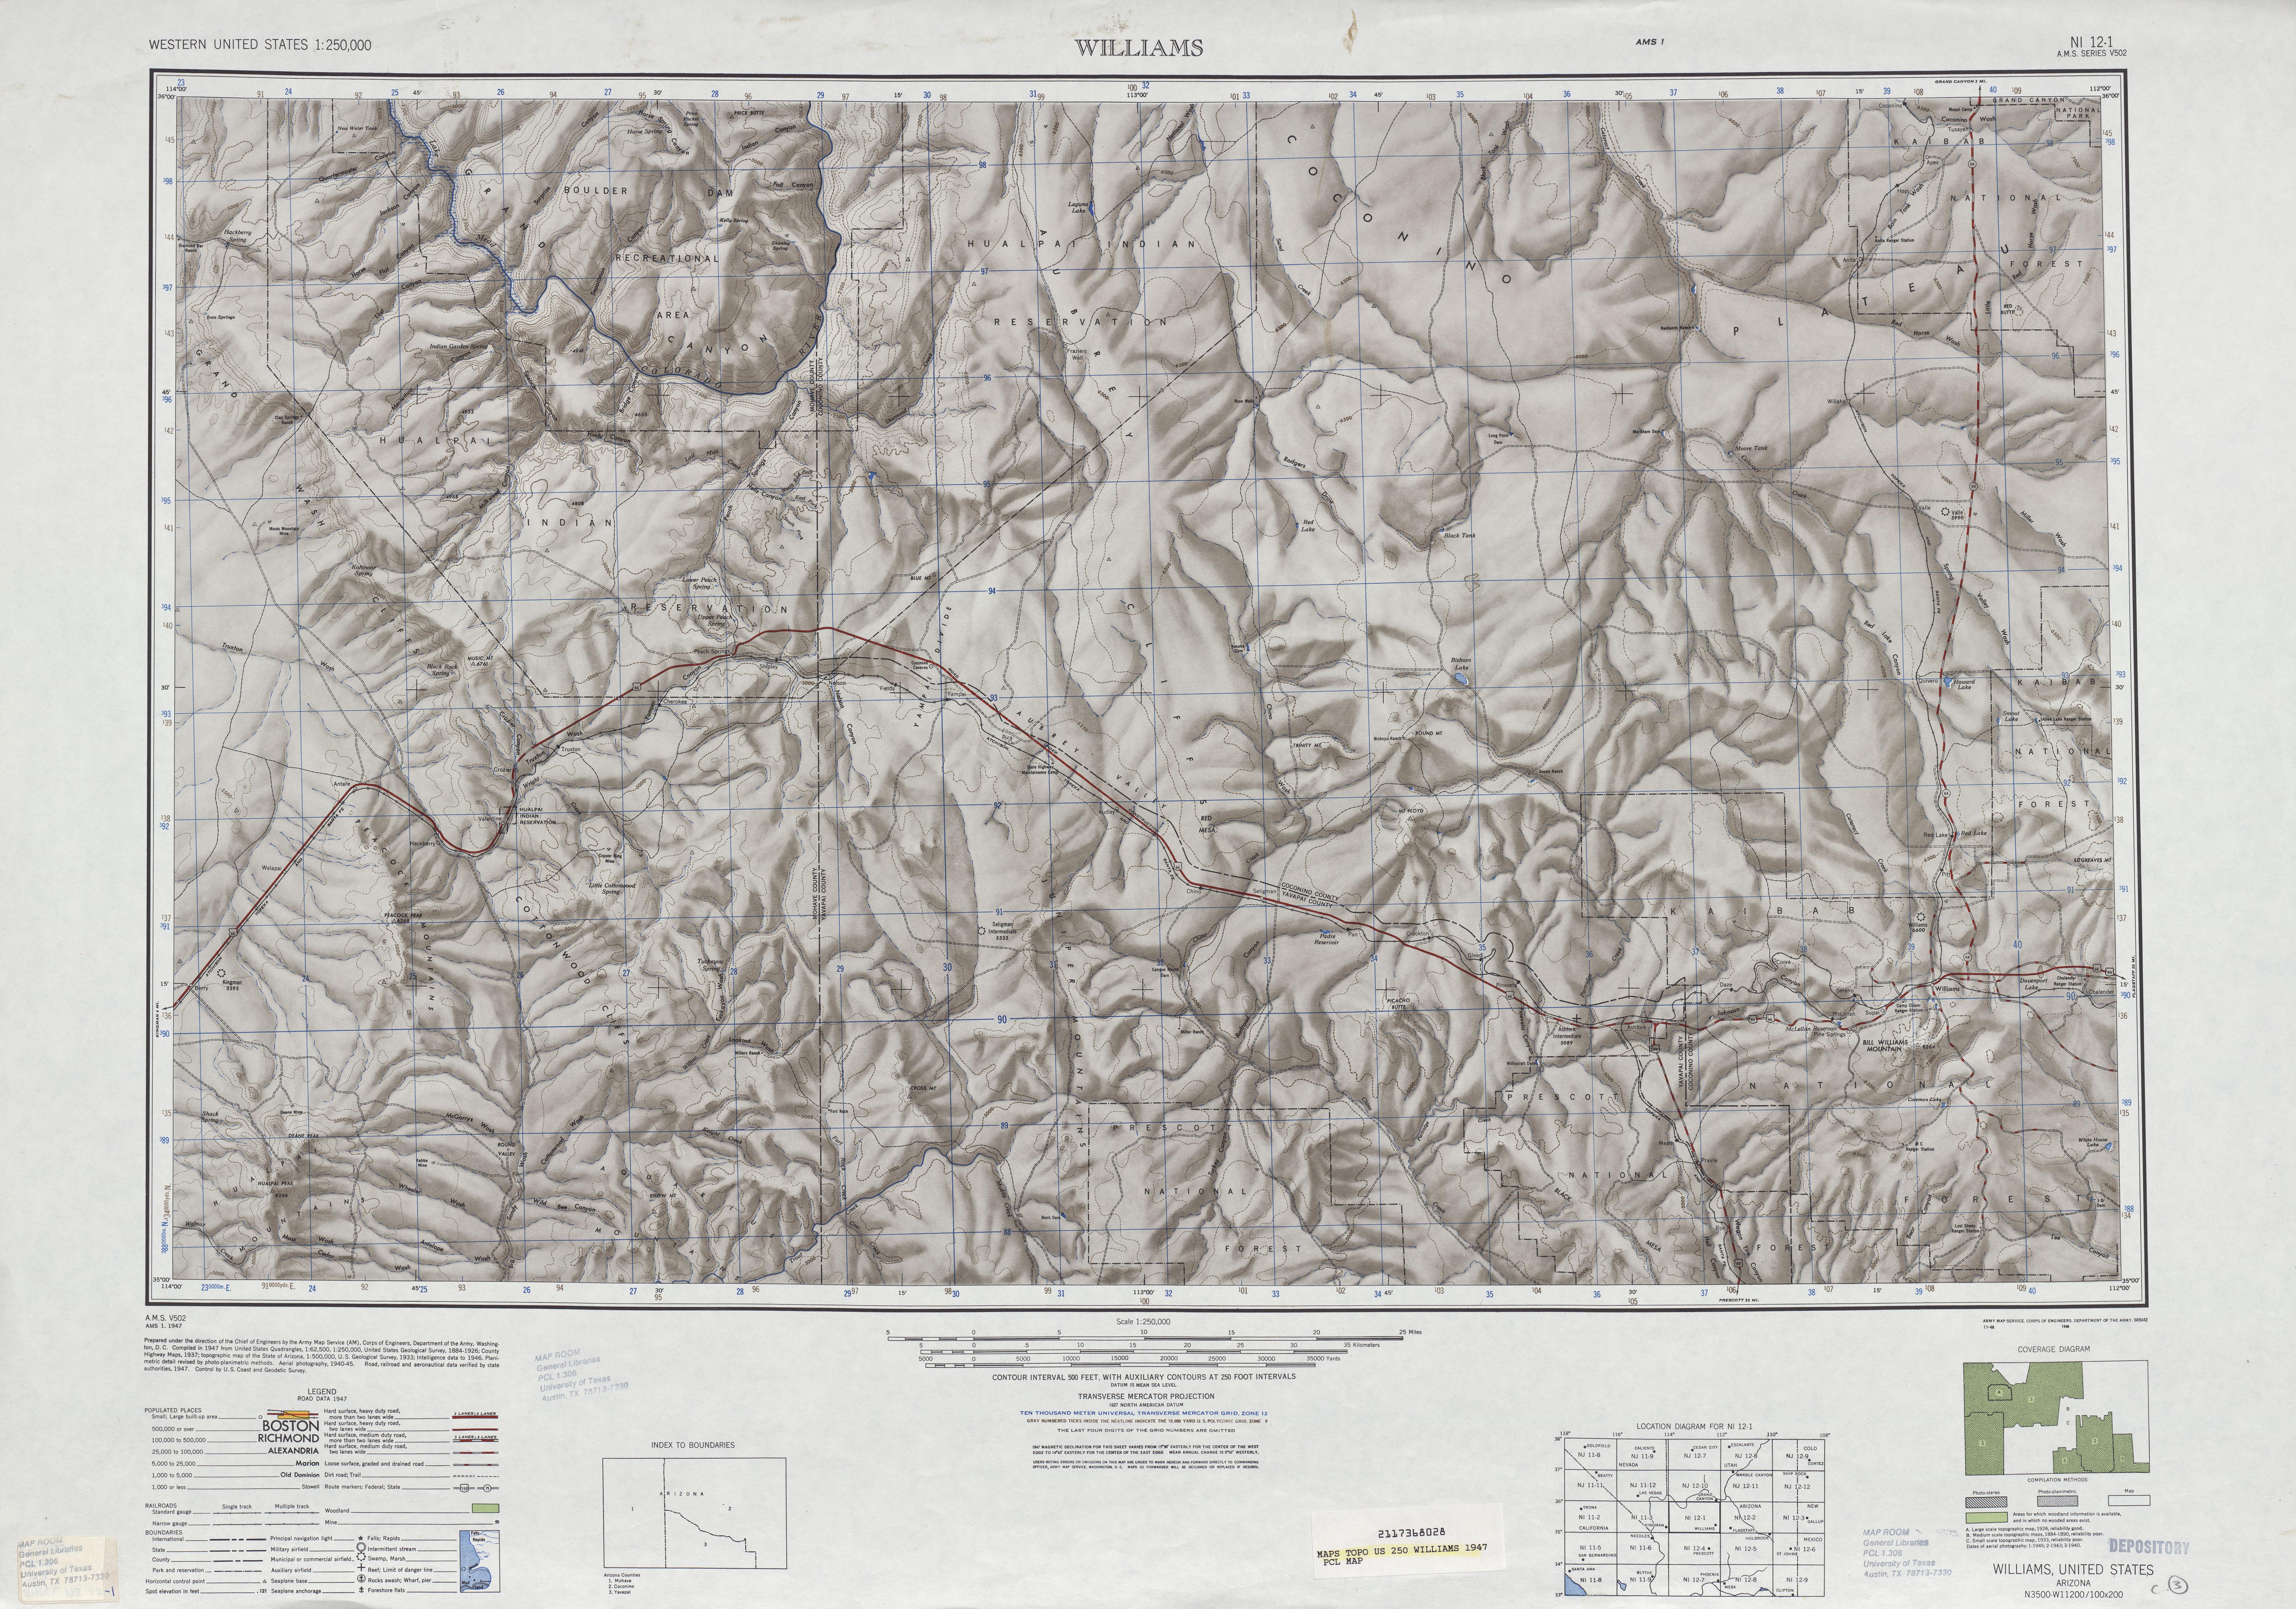 Hoja Williams del Mapa de Relieve Sombreado de los Estados Unidos 1947